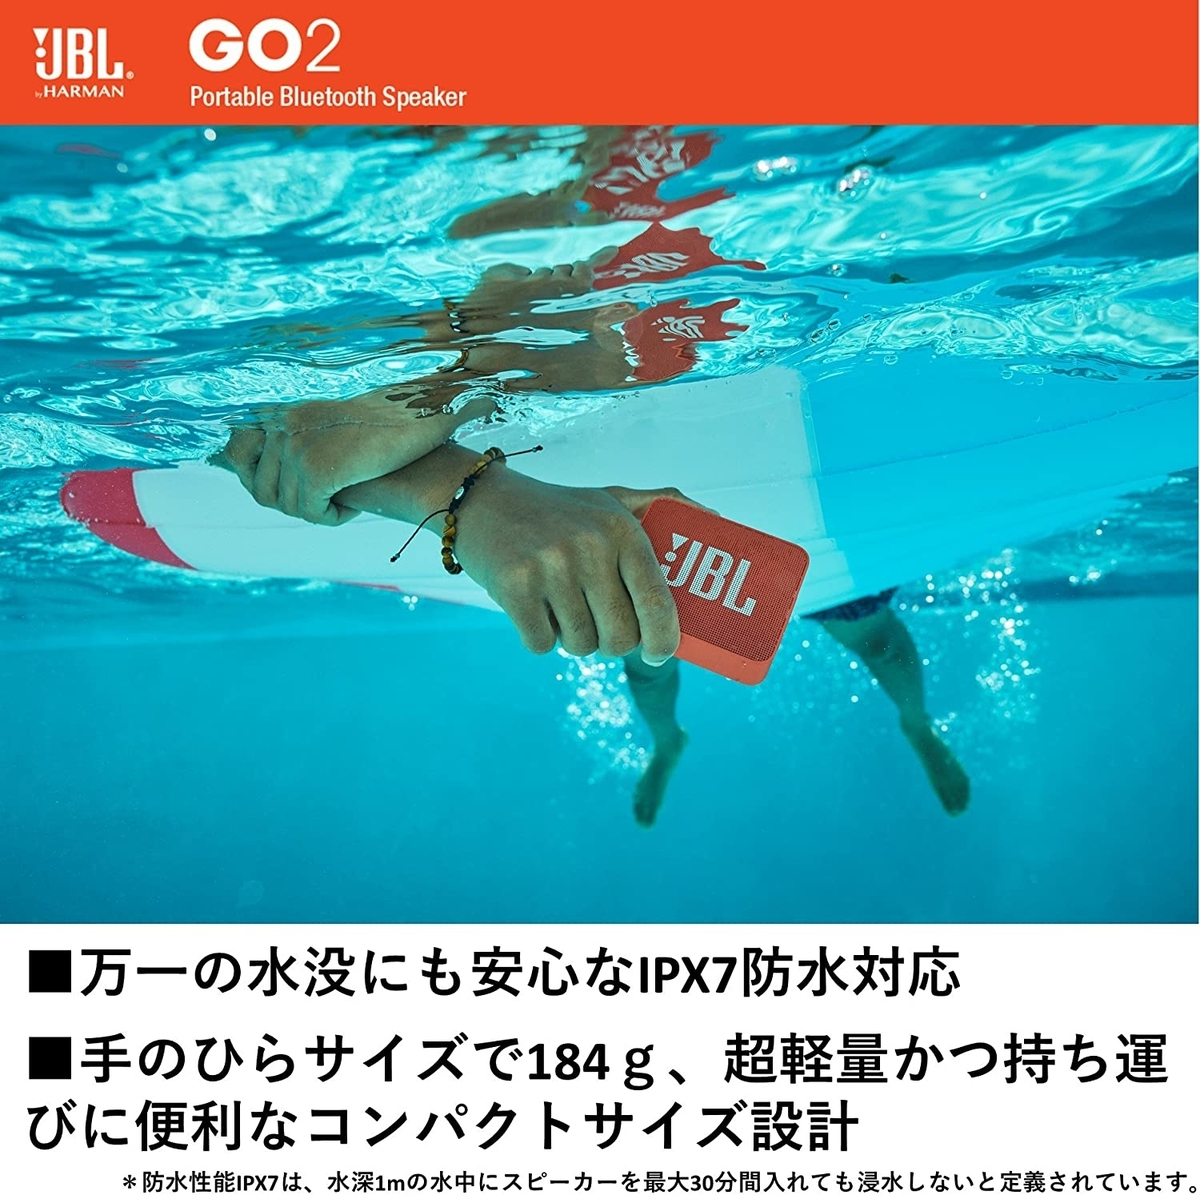 f:id:haruki8282:20201217204641j:plain